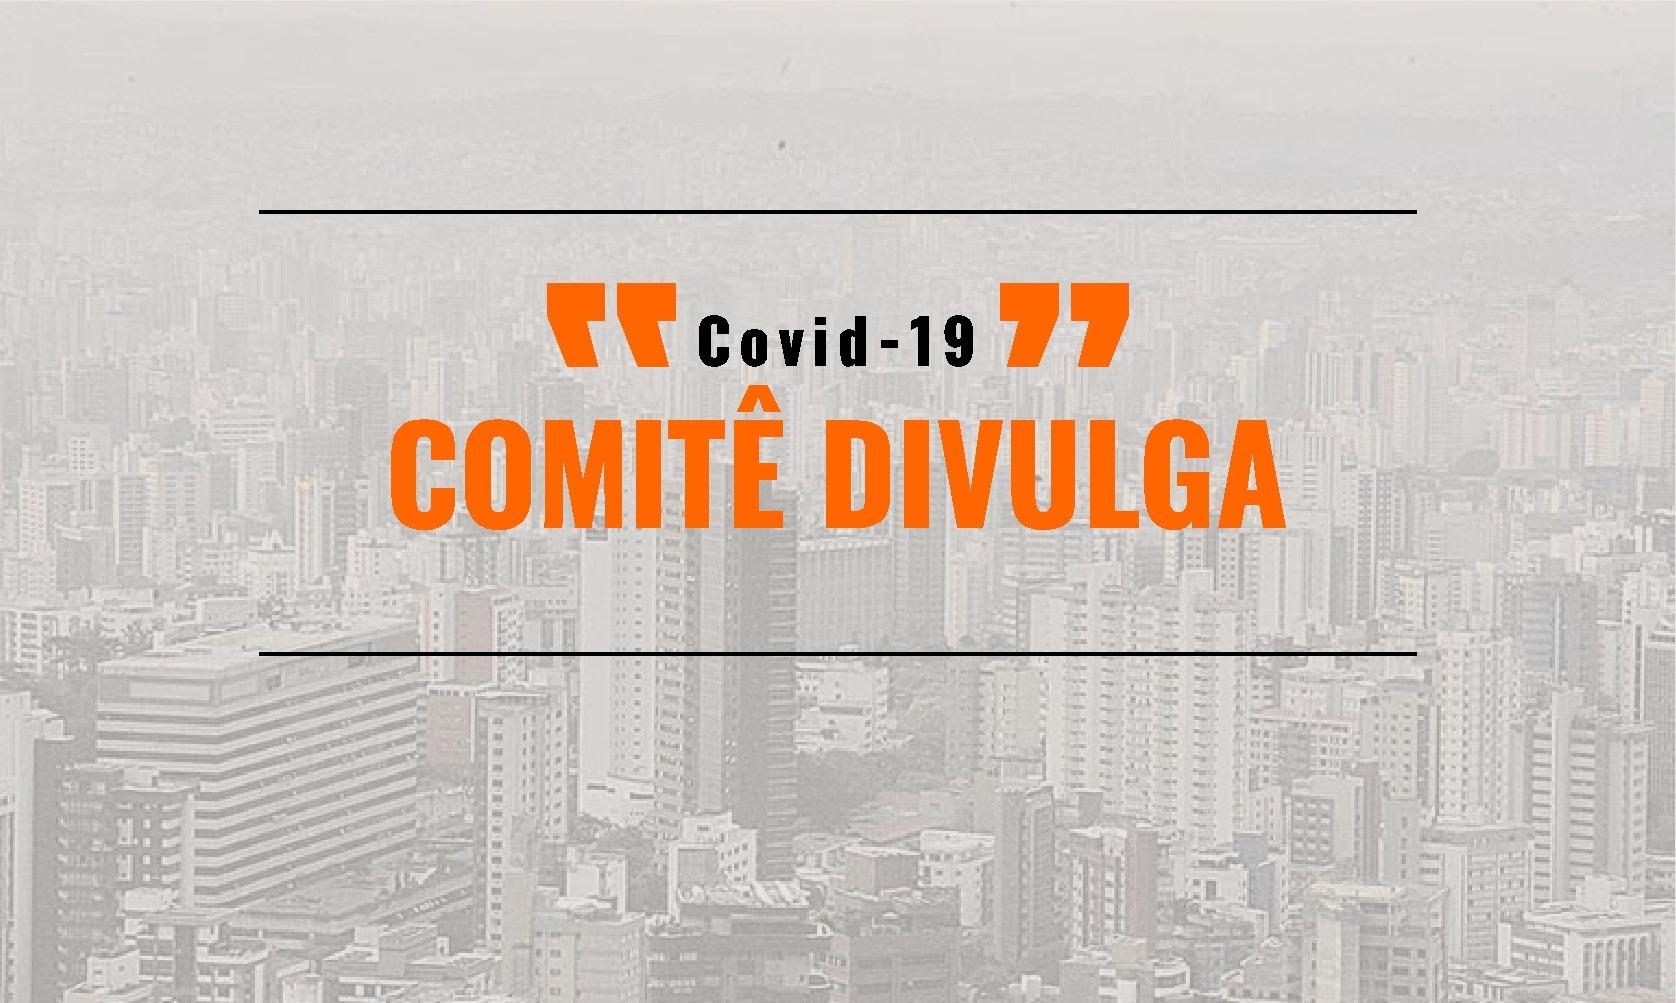 Comitê Covid-19 divulga alteração no horário de algumas atividades